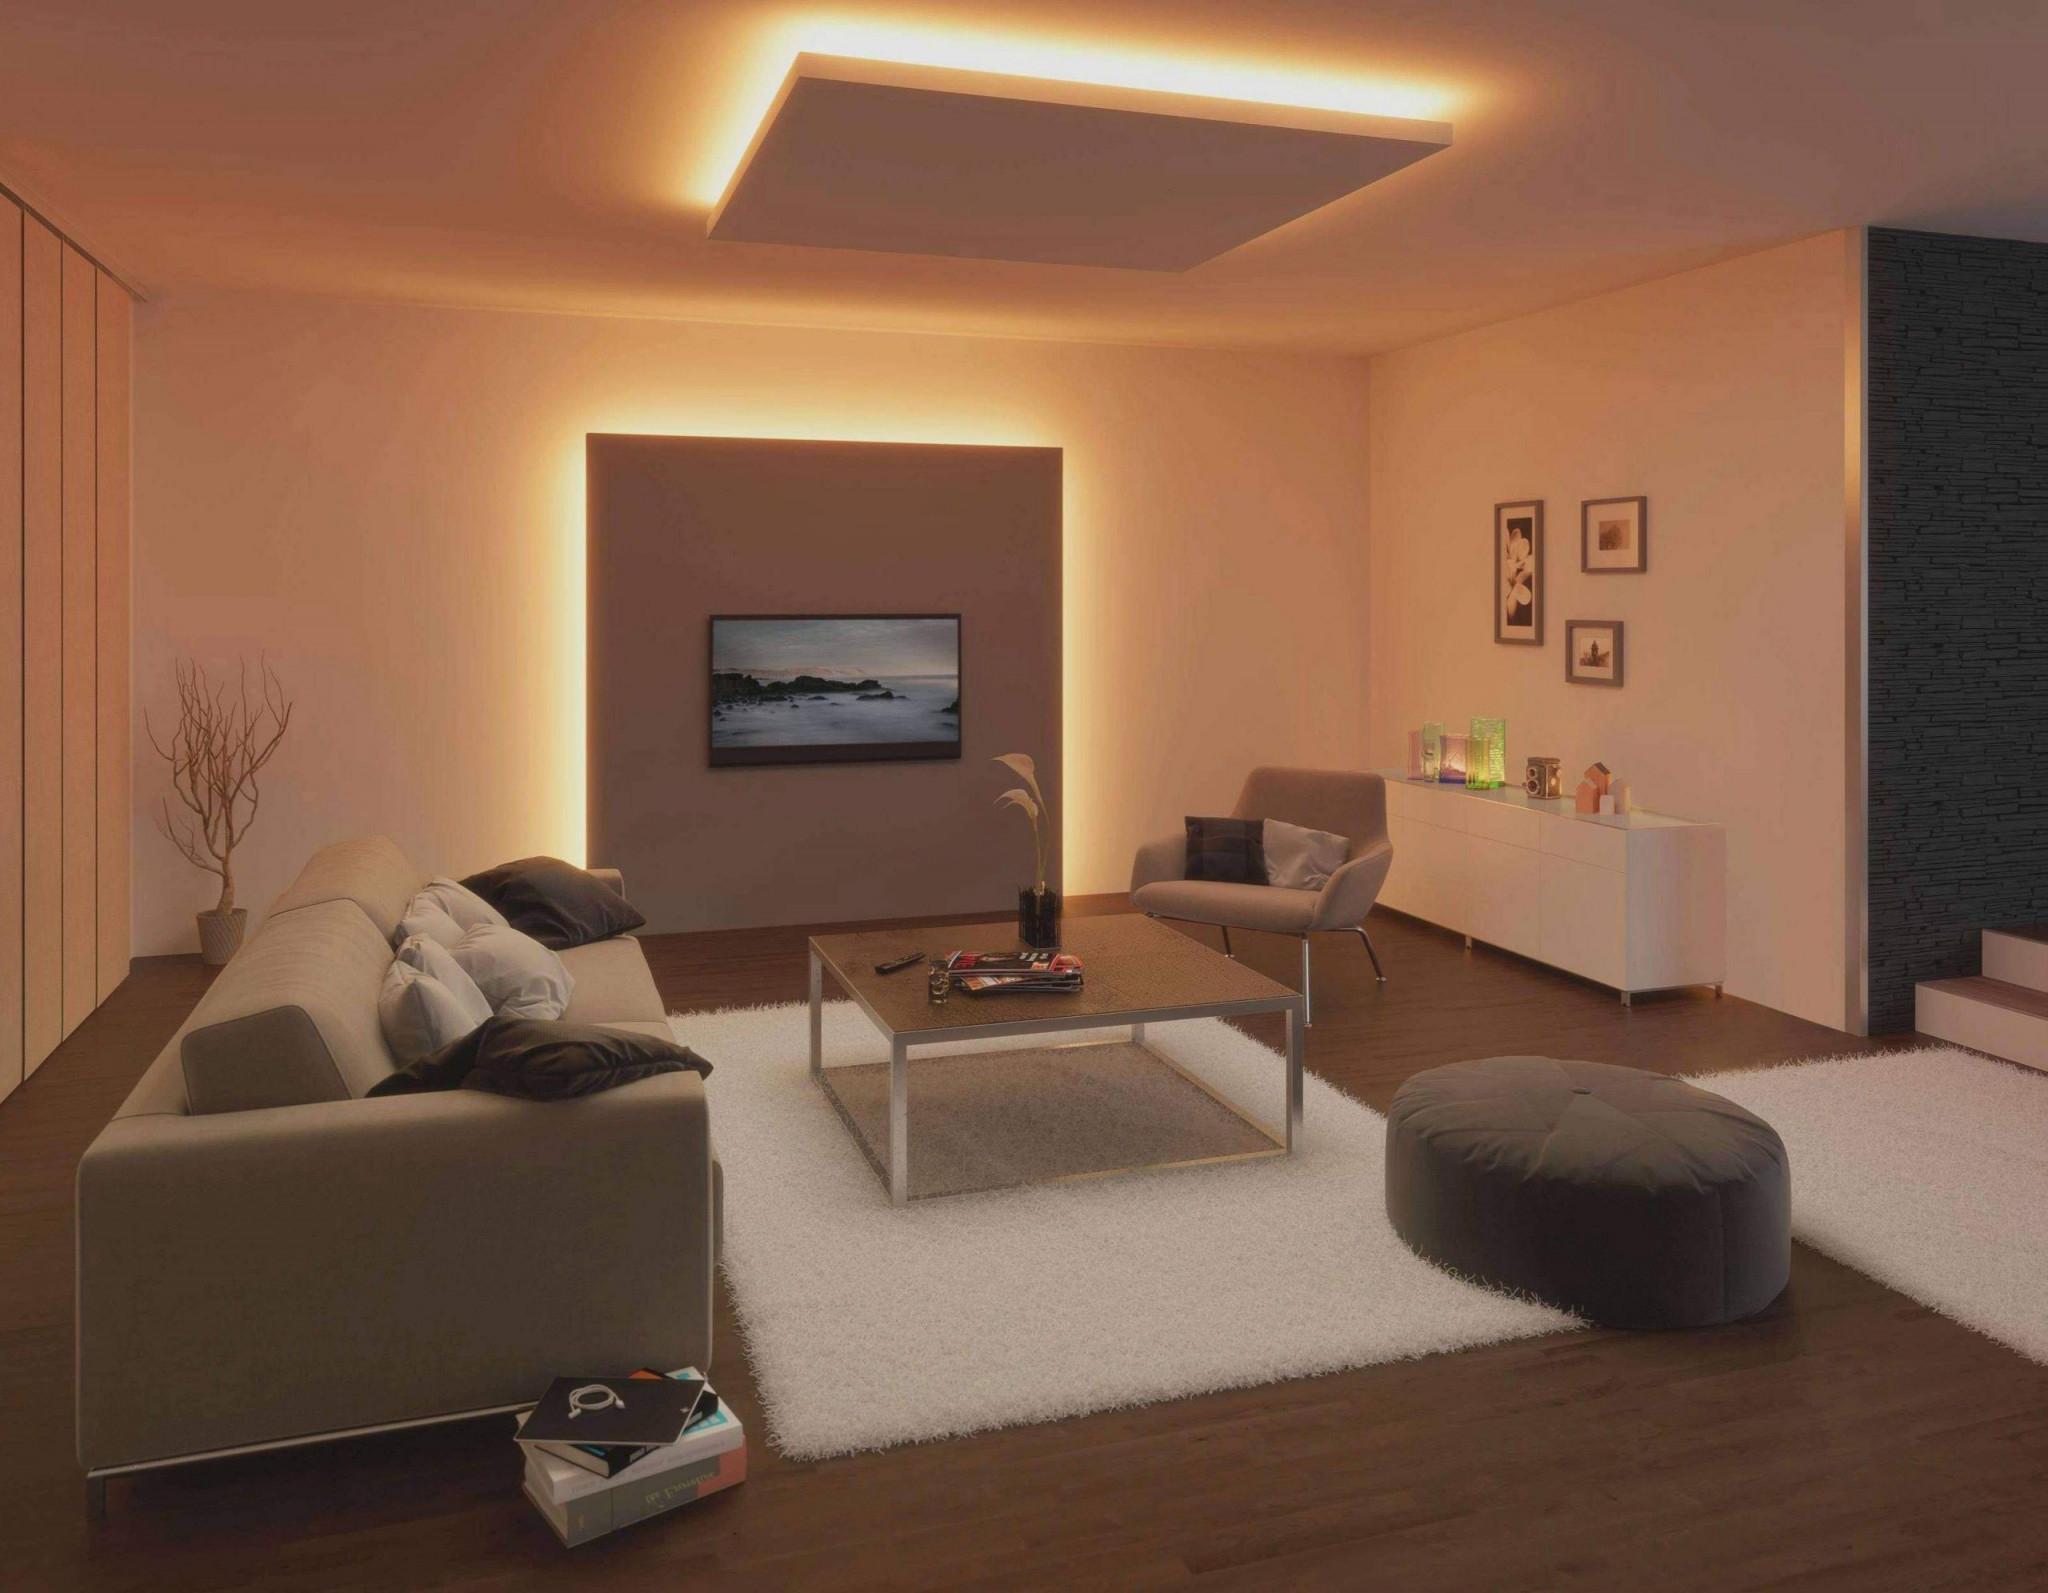 Wohnzimmer Gestaltung Neu Awesome Wohnzimmer Ideen Decke von Gestaltung Wohnzimmer Ideen Bild